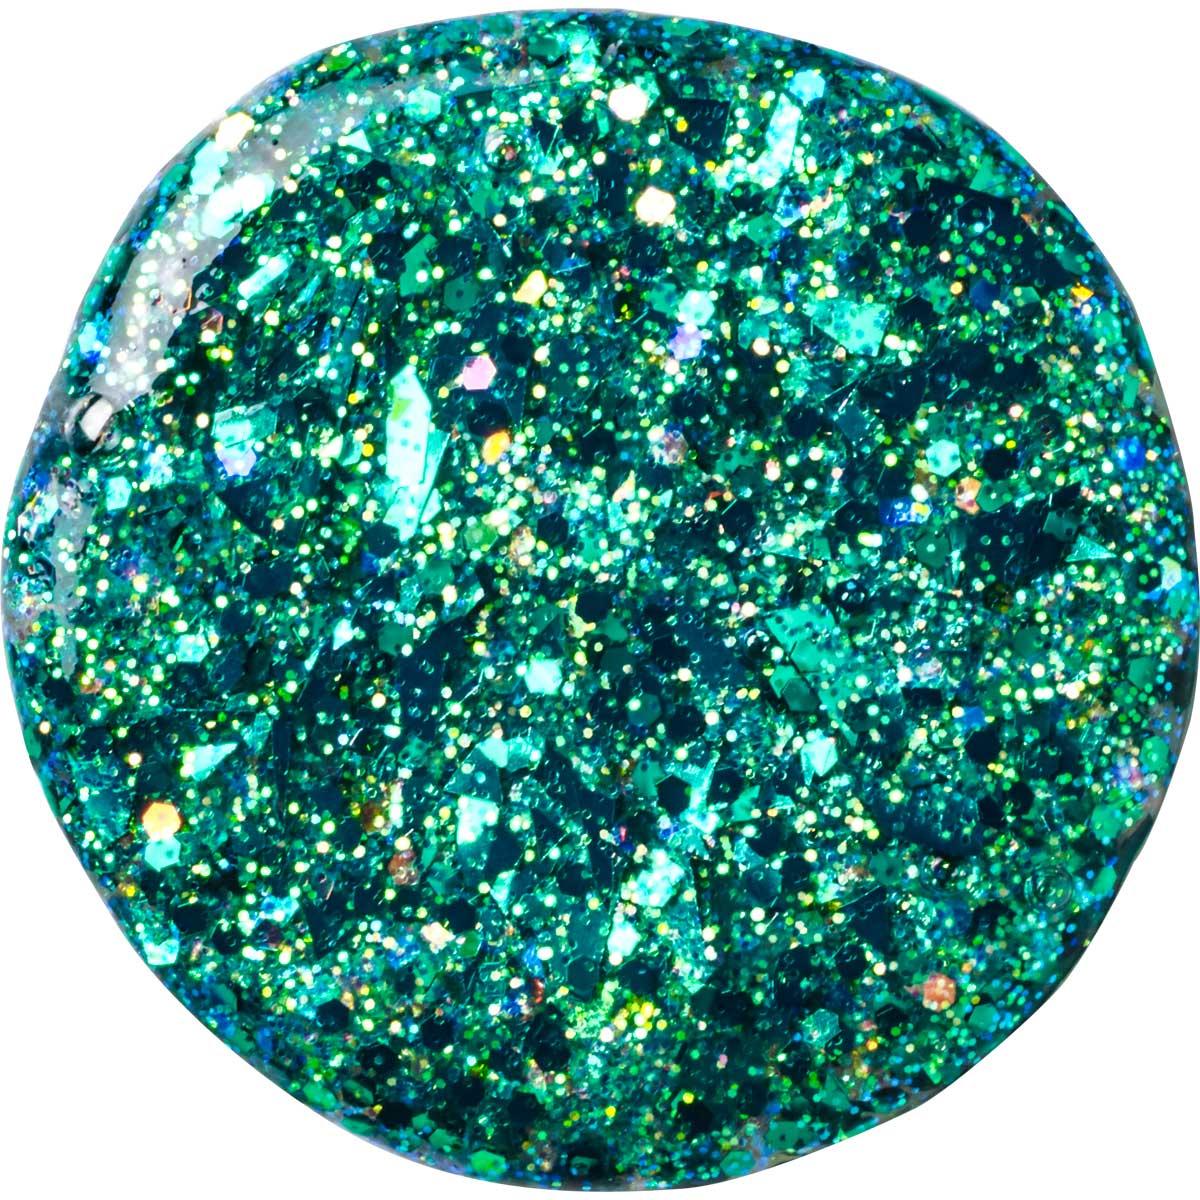 FolkArt ® Glitterific™ Acrylic Paint - Evergreen, 2 oz.